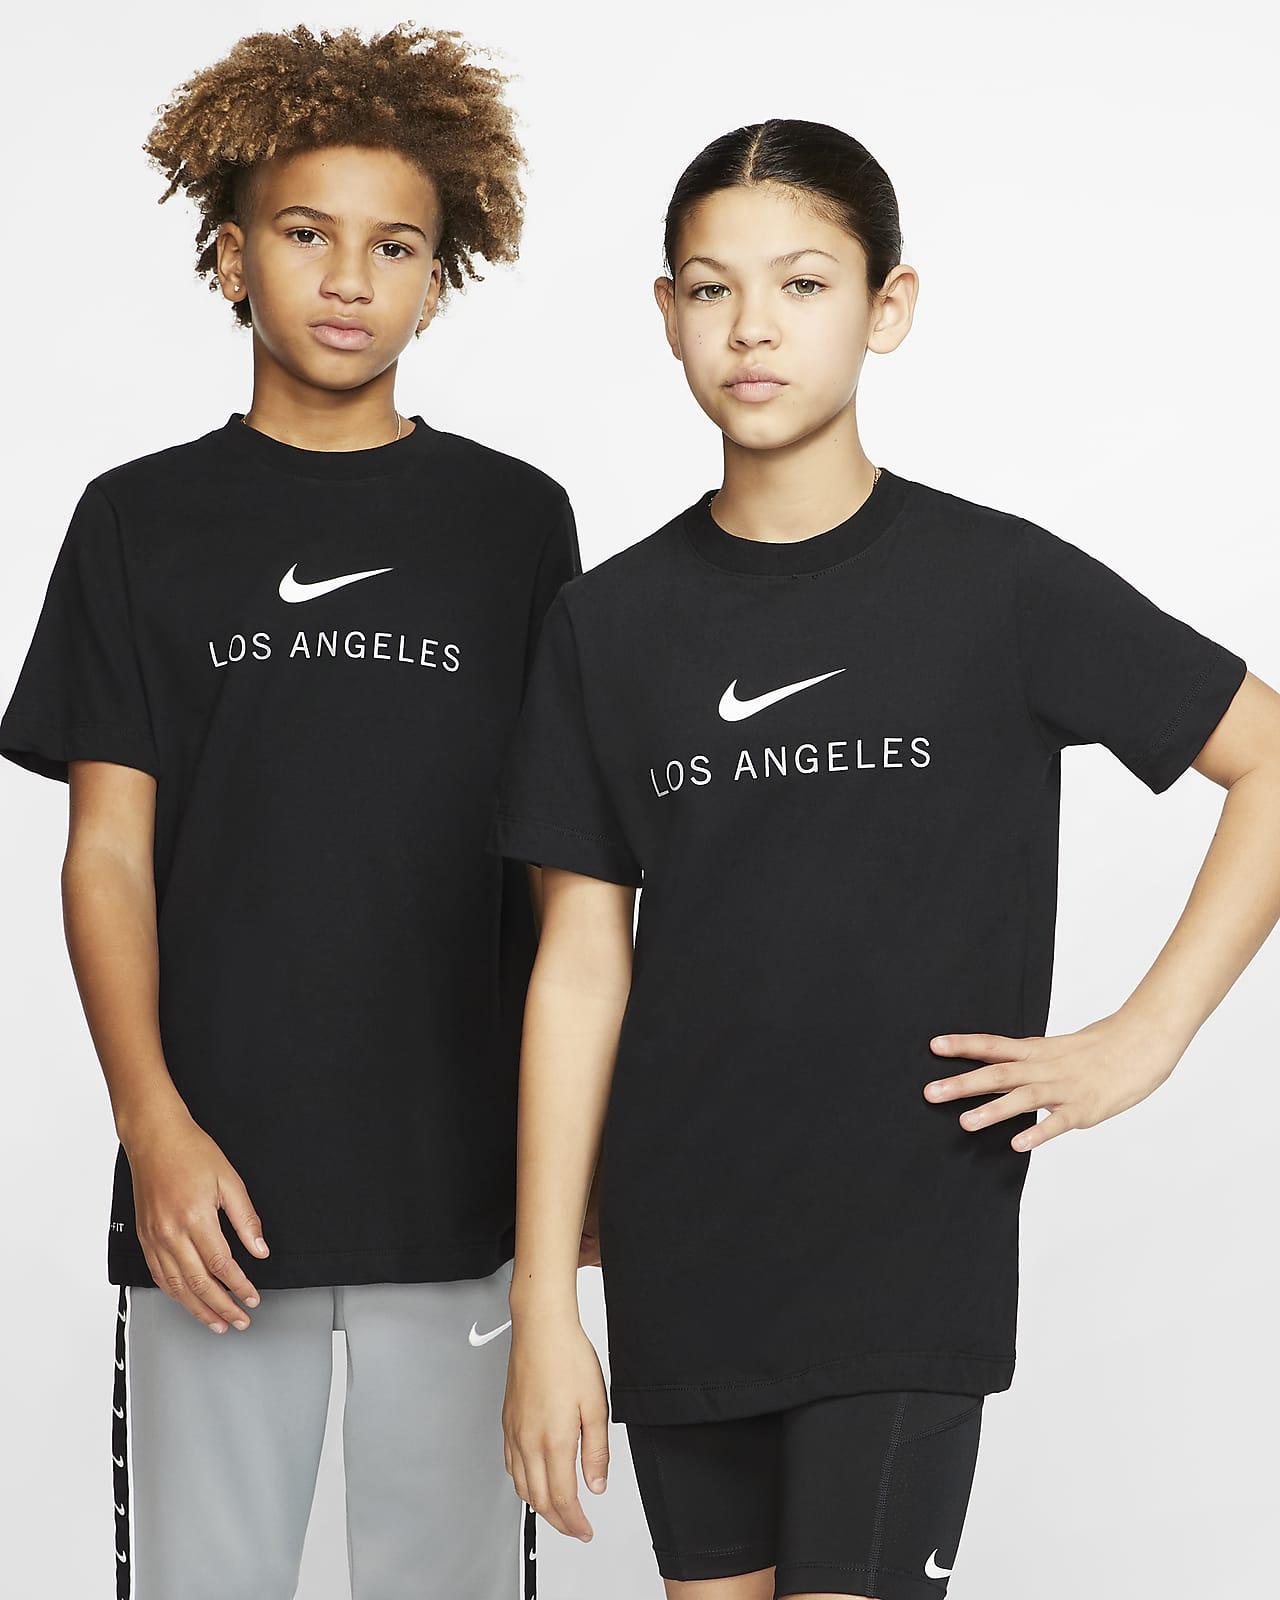 Nike Dri-FIT Los Angeles Big Kids' T-Shirt